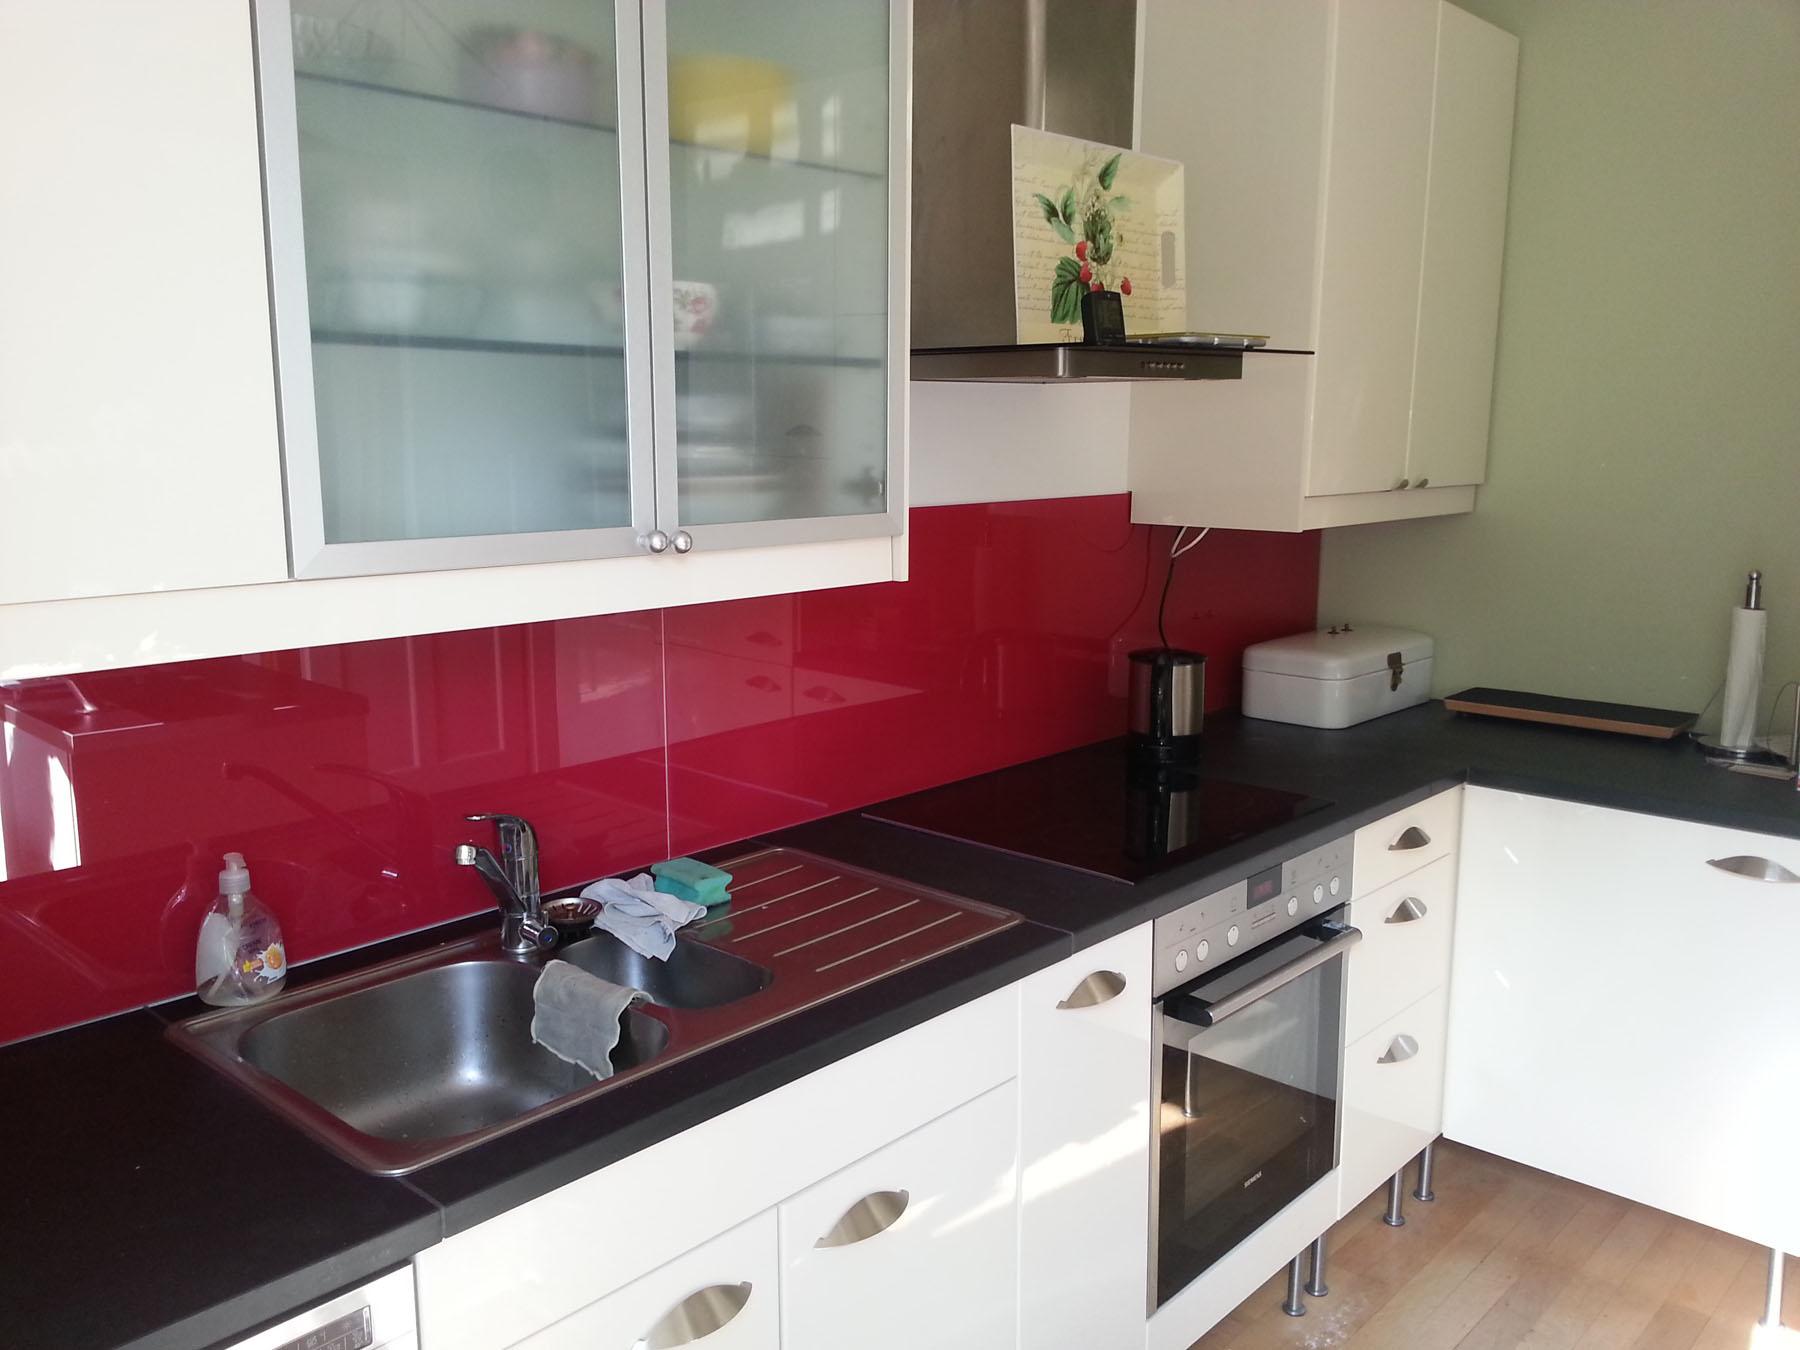 Arbeitsplatte Schiefer küchenarbeitsplatten backes